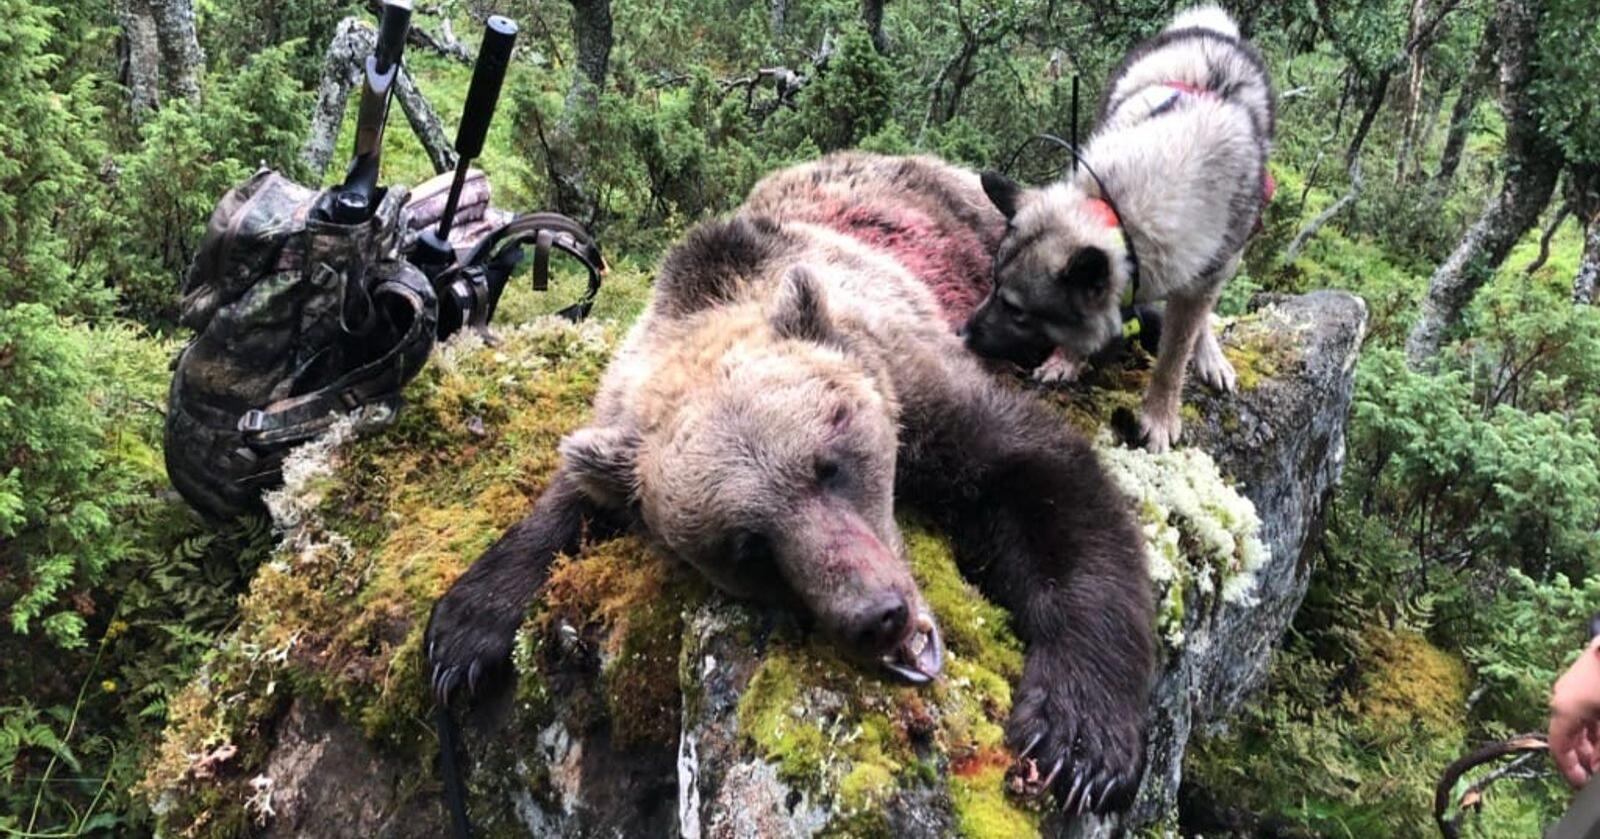 Bjørnen som ble felt veide 105 kilo, og var en hann. Foto: Privat